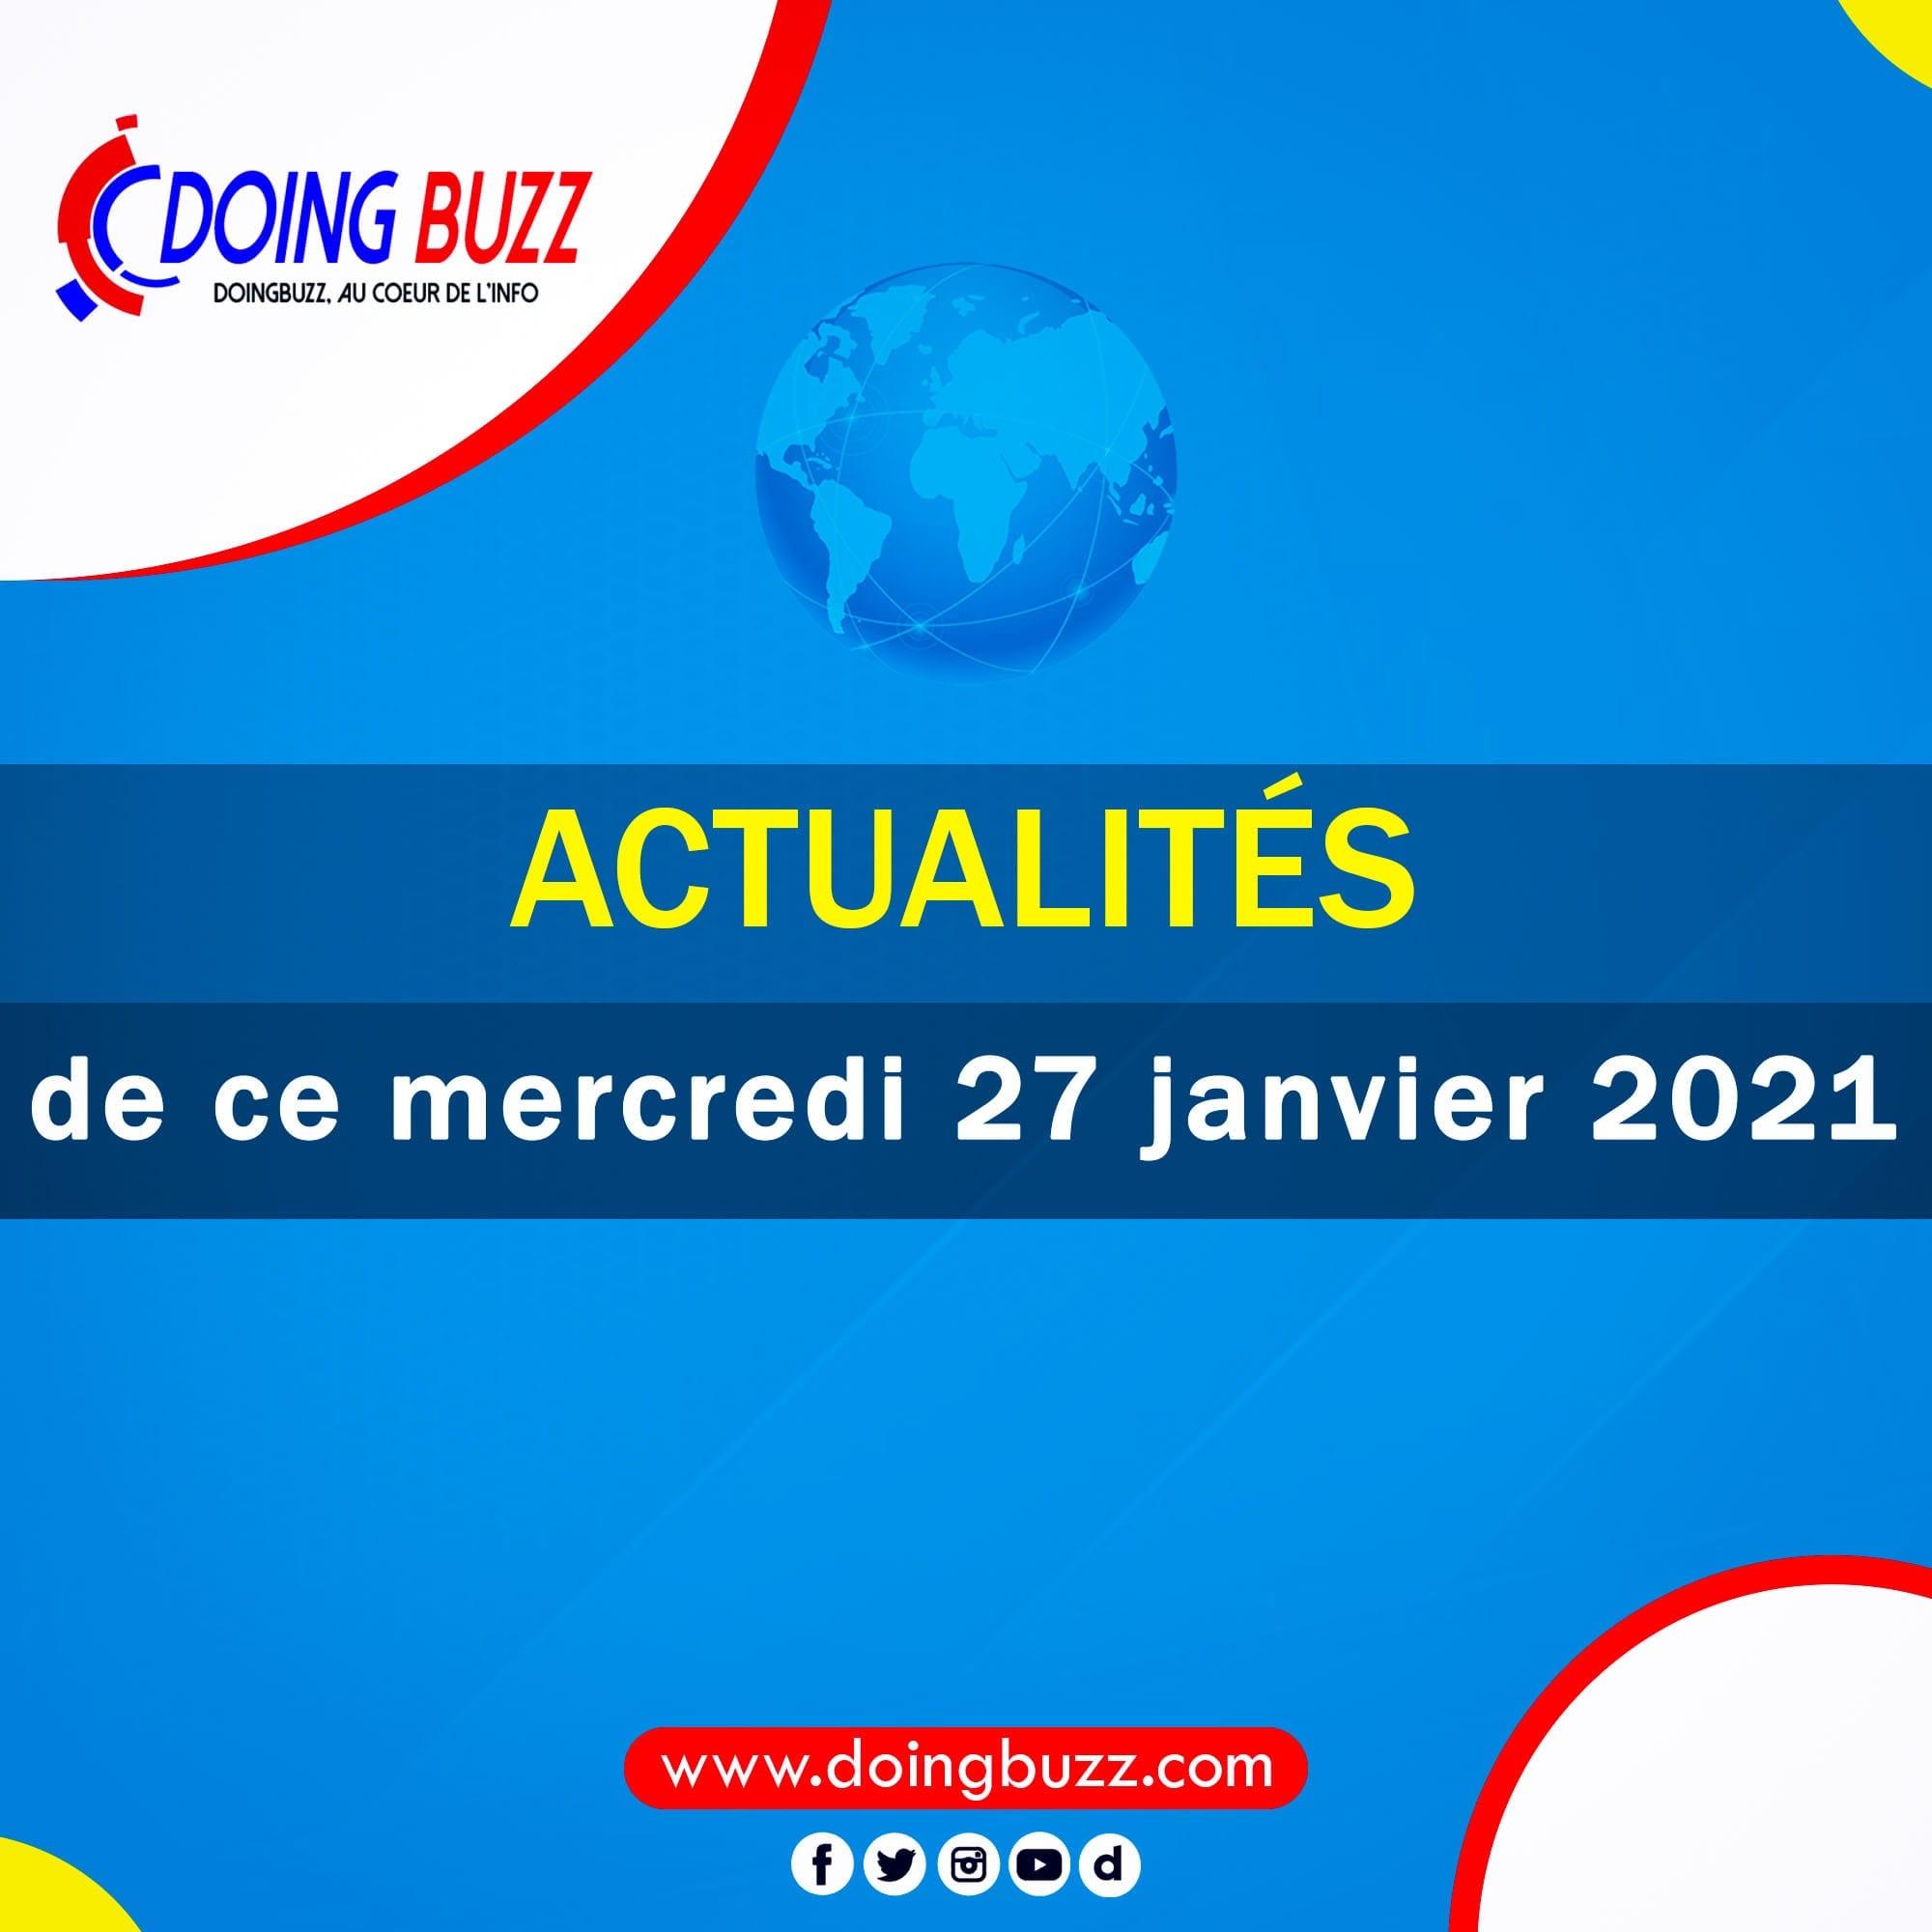 Actualités du jour sur Doingbuzz: Mercredi le 27Janvier 2021